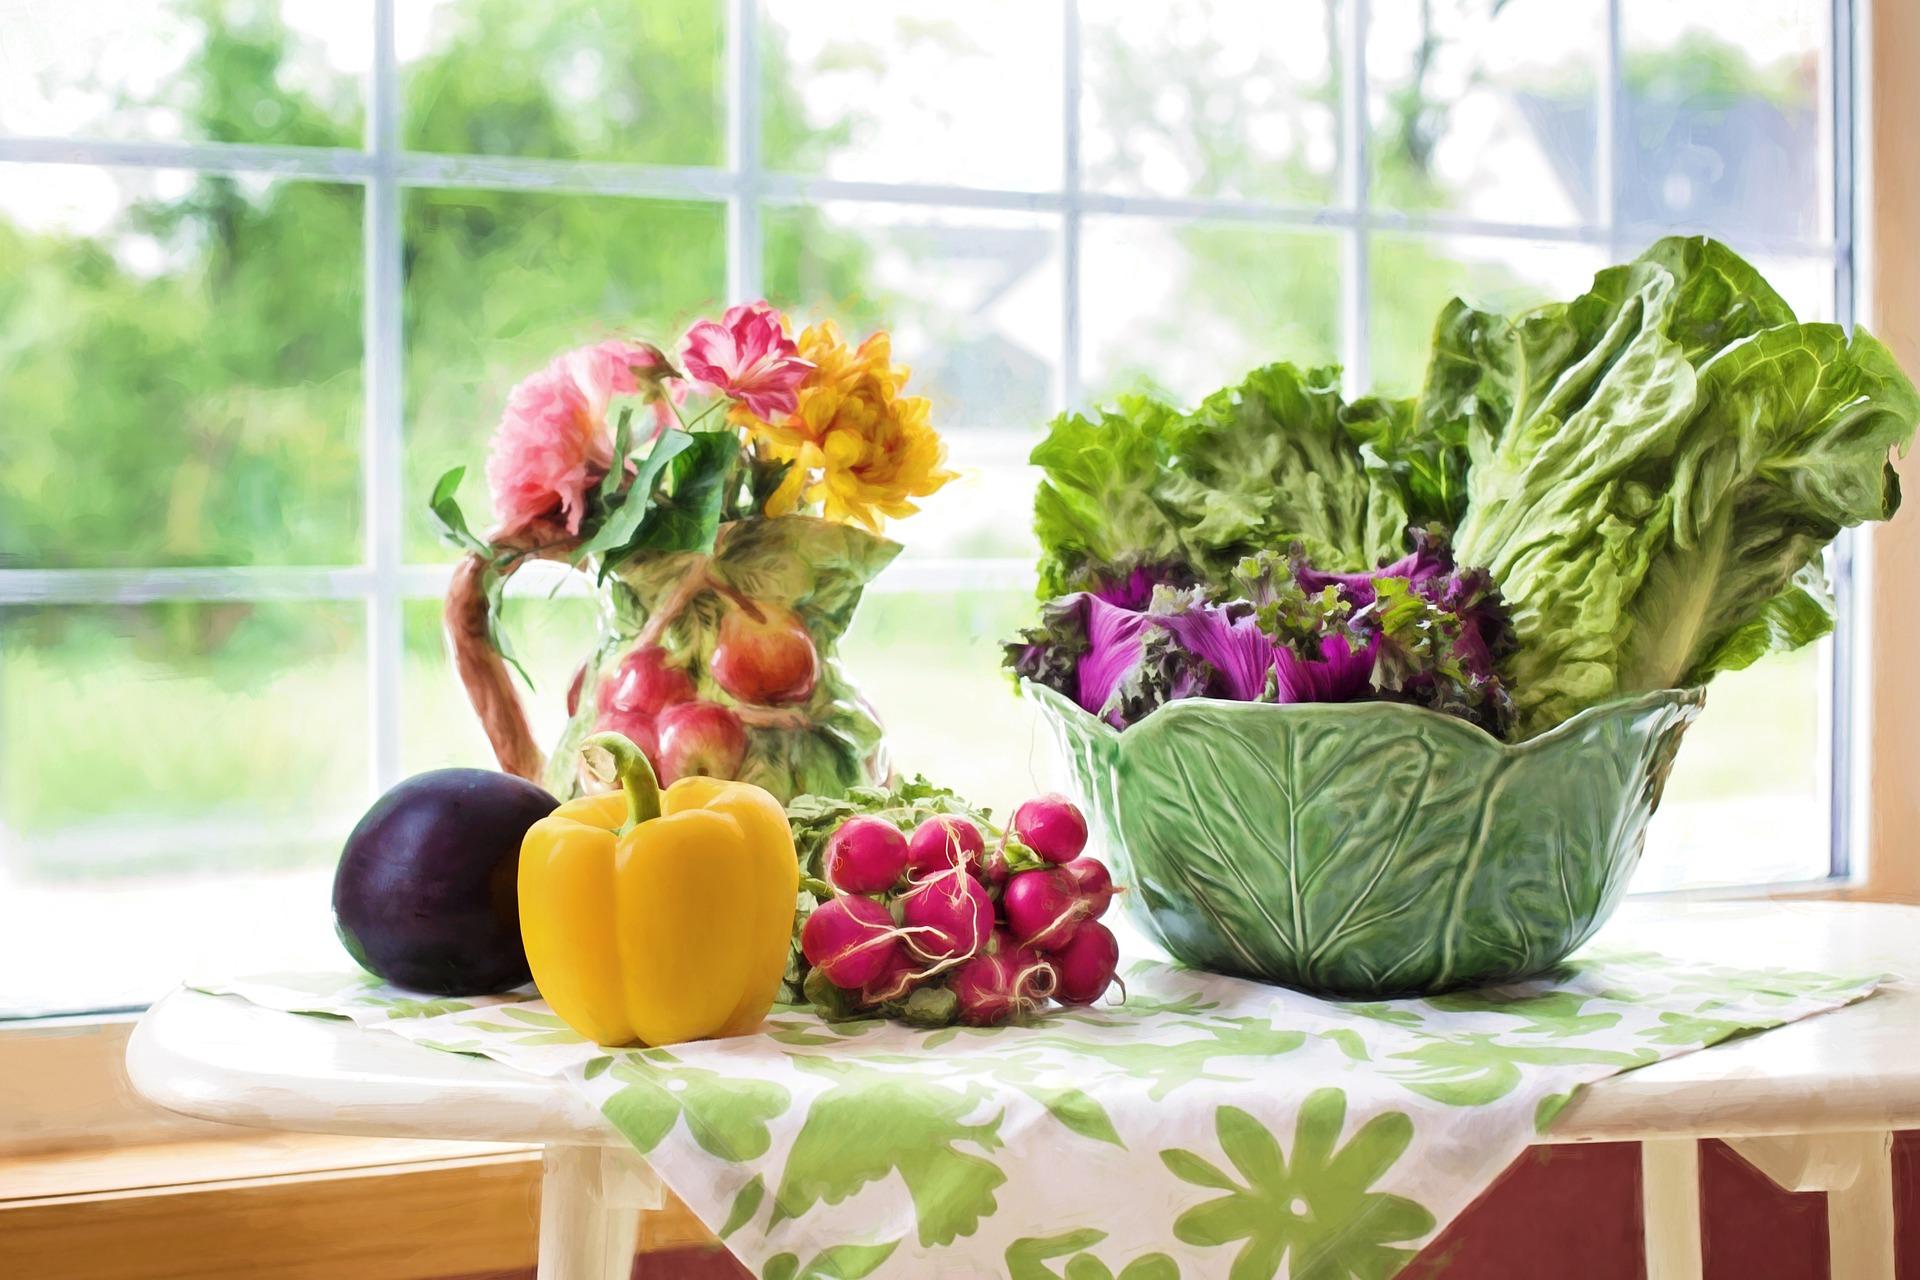 Okna w kuchni – jaka oprawa wizualna będzie dla nich najlepsza?